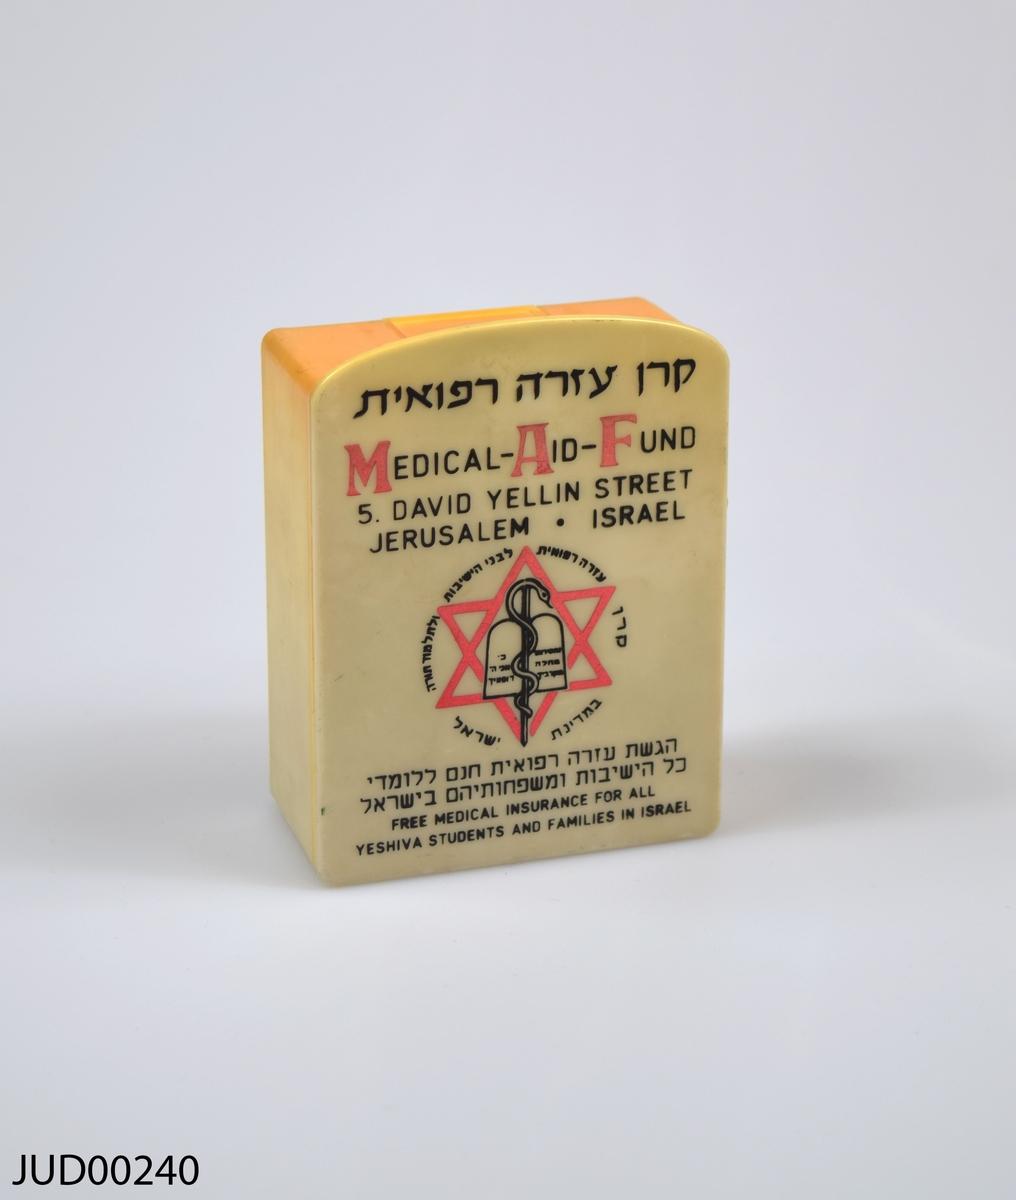 Insamlingsbössa, tillverkad av vit plast. Dekorerad med röd och svart hebreisk och engelsk text, en davidsstjärna, em orm samt bild på de tio budorden.